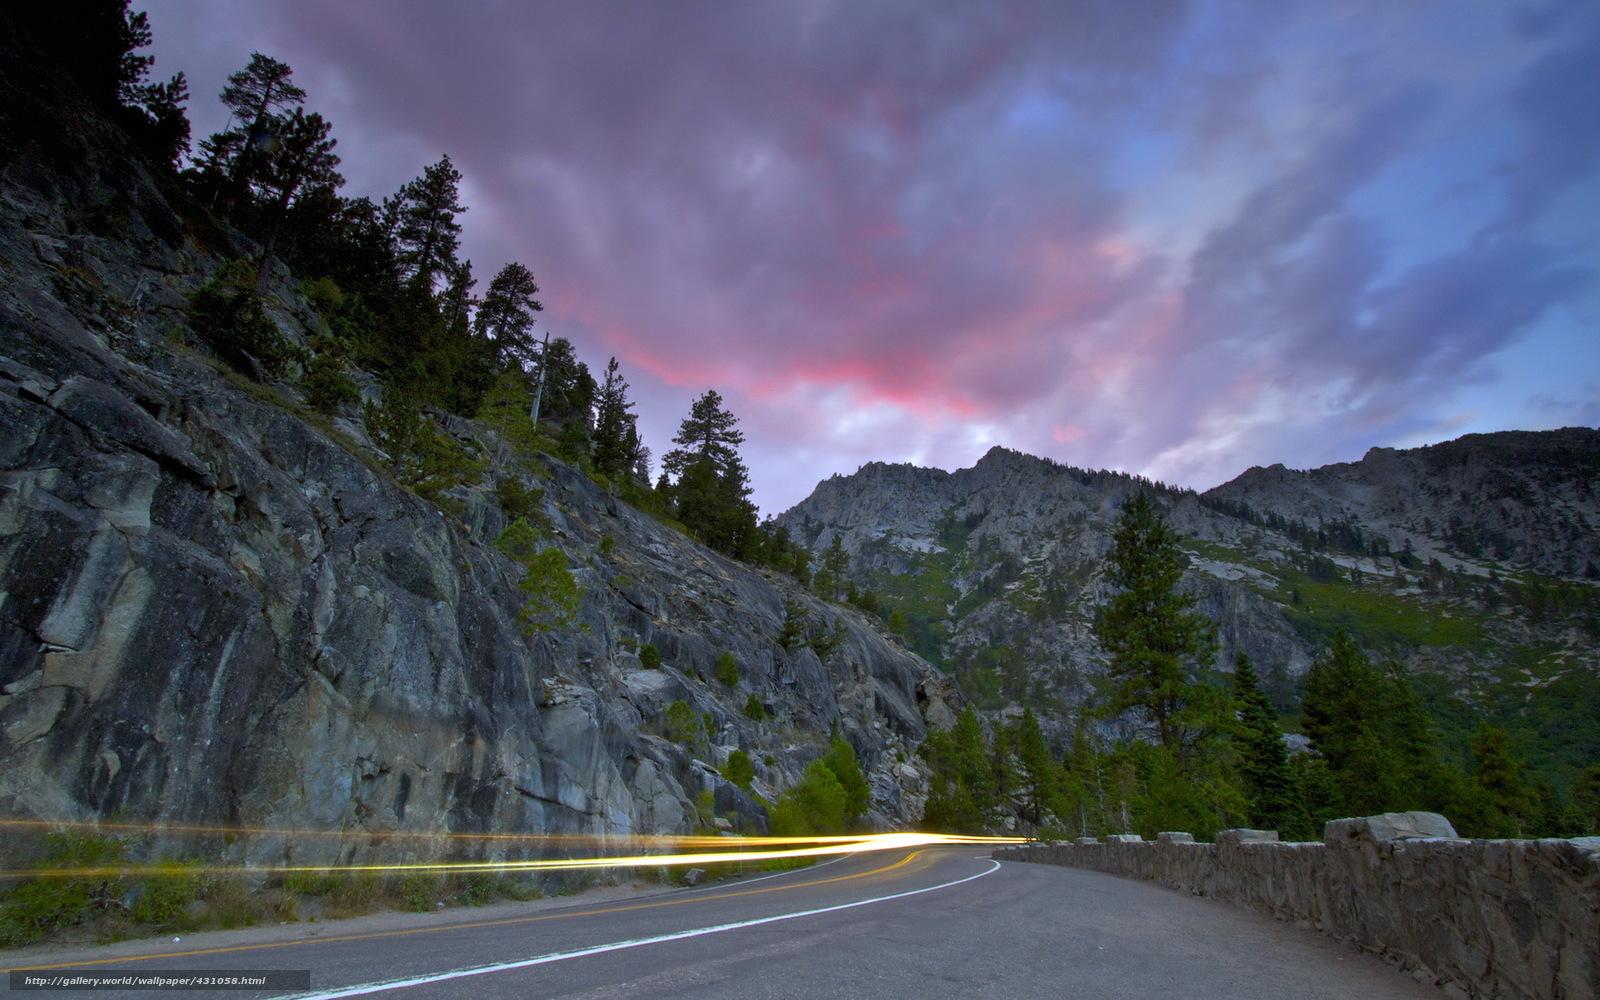 Скачать обои закат,  дорога,  след,  пейзаж бесплатно для рабочего стола в разрешении 1680x1050 — картинка №431058